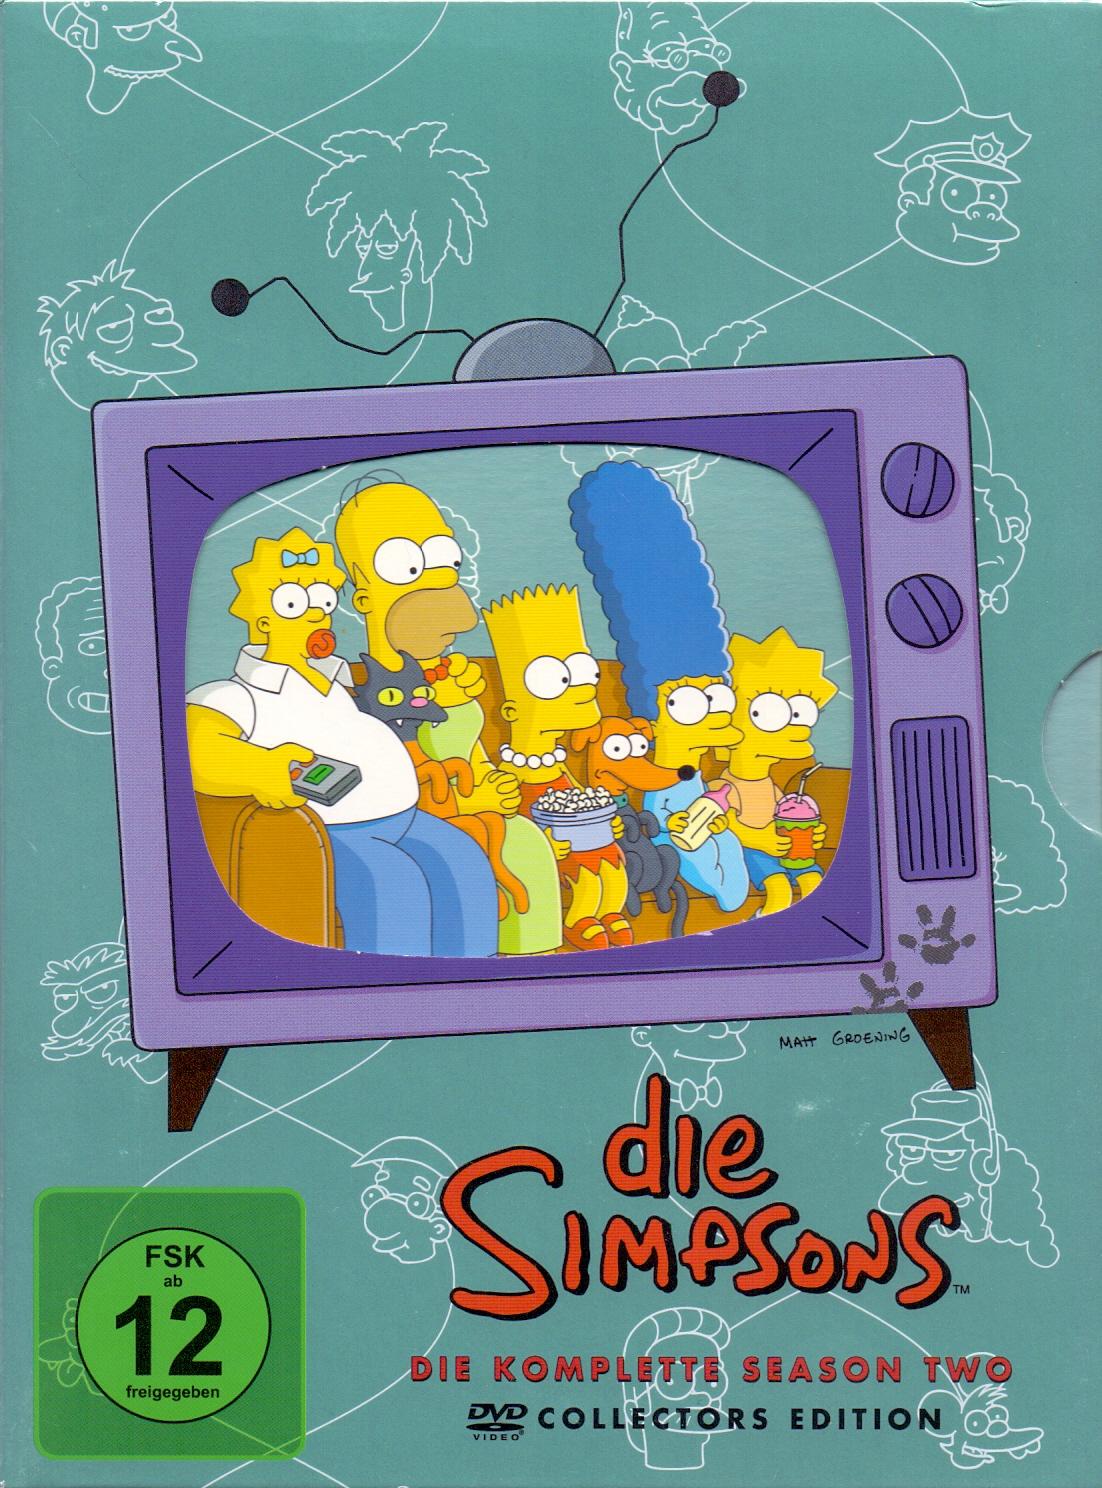 Die Simpsons: Die komplette Season 2 [Collectors Edition]